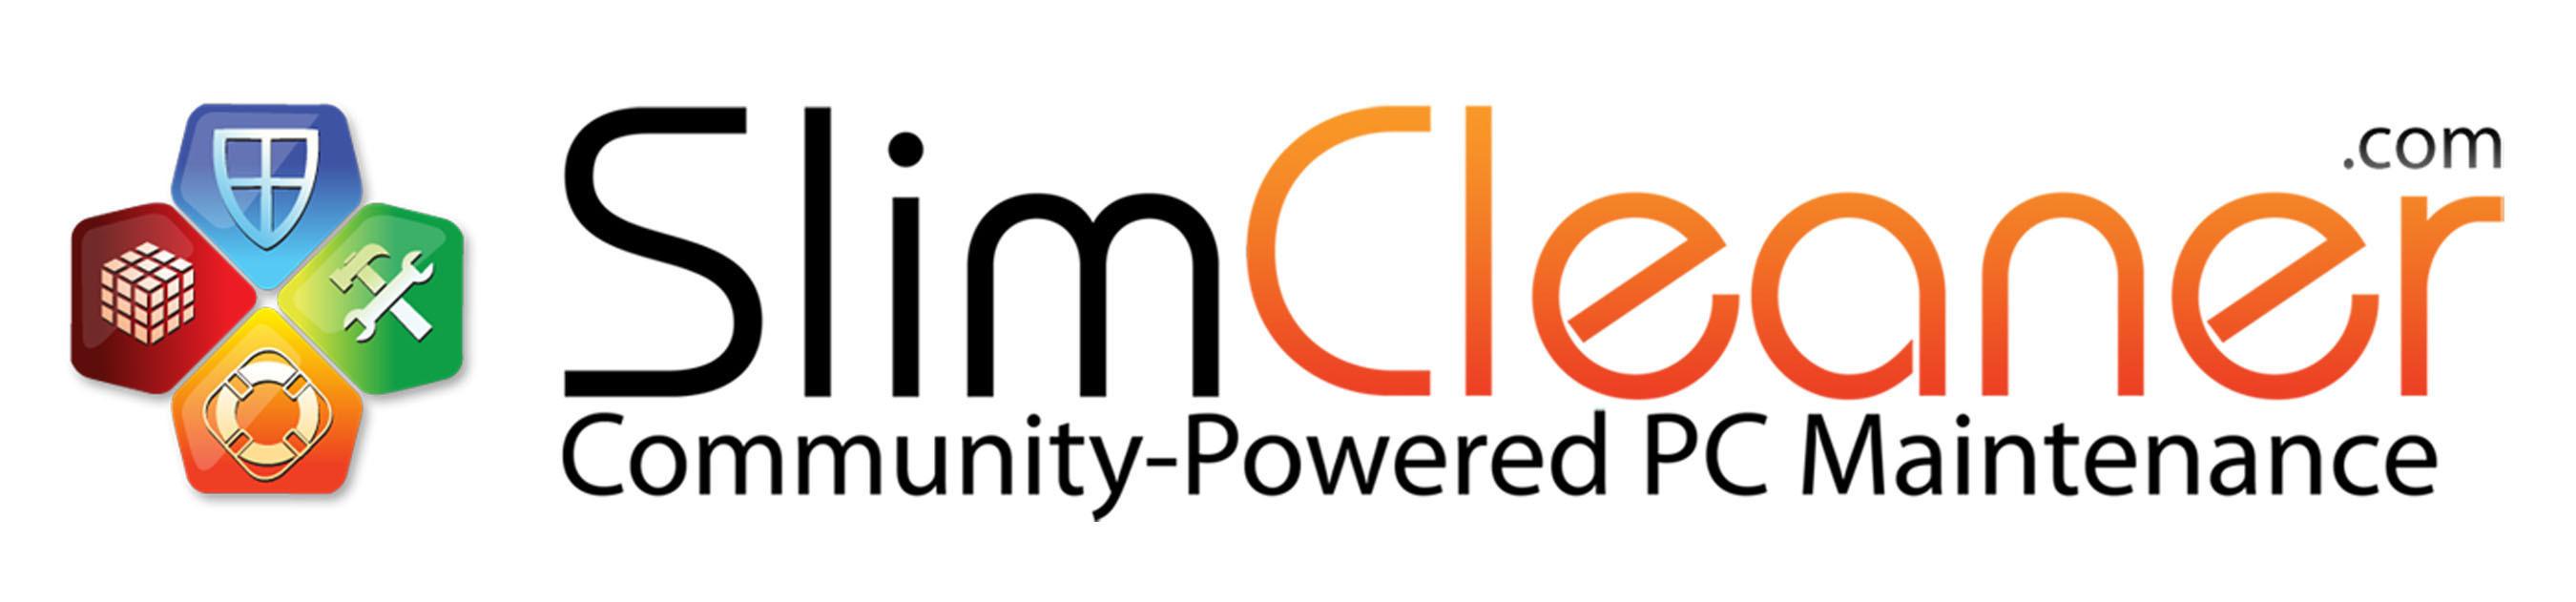 SlimCleaner Logo